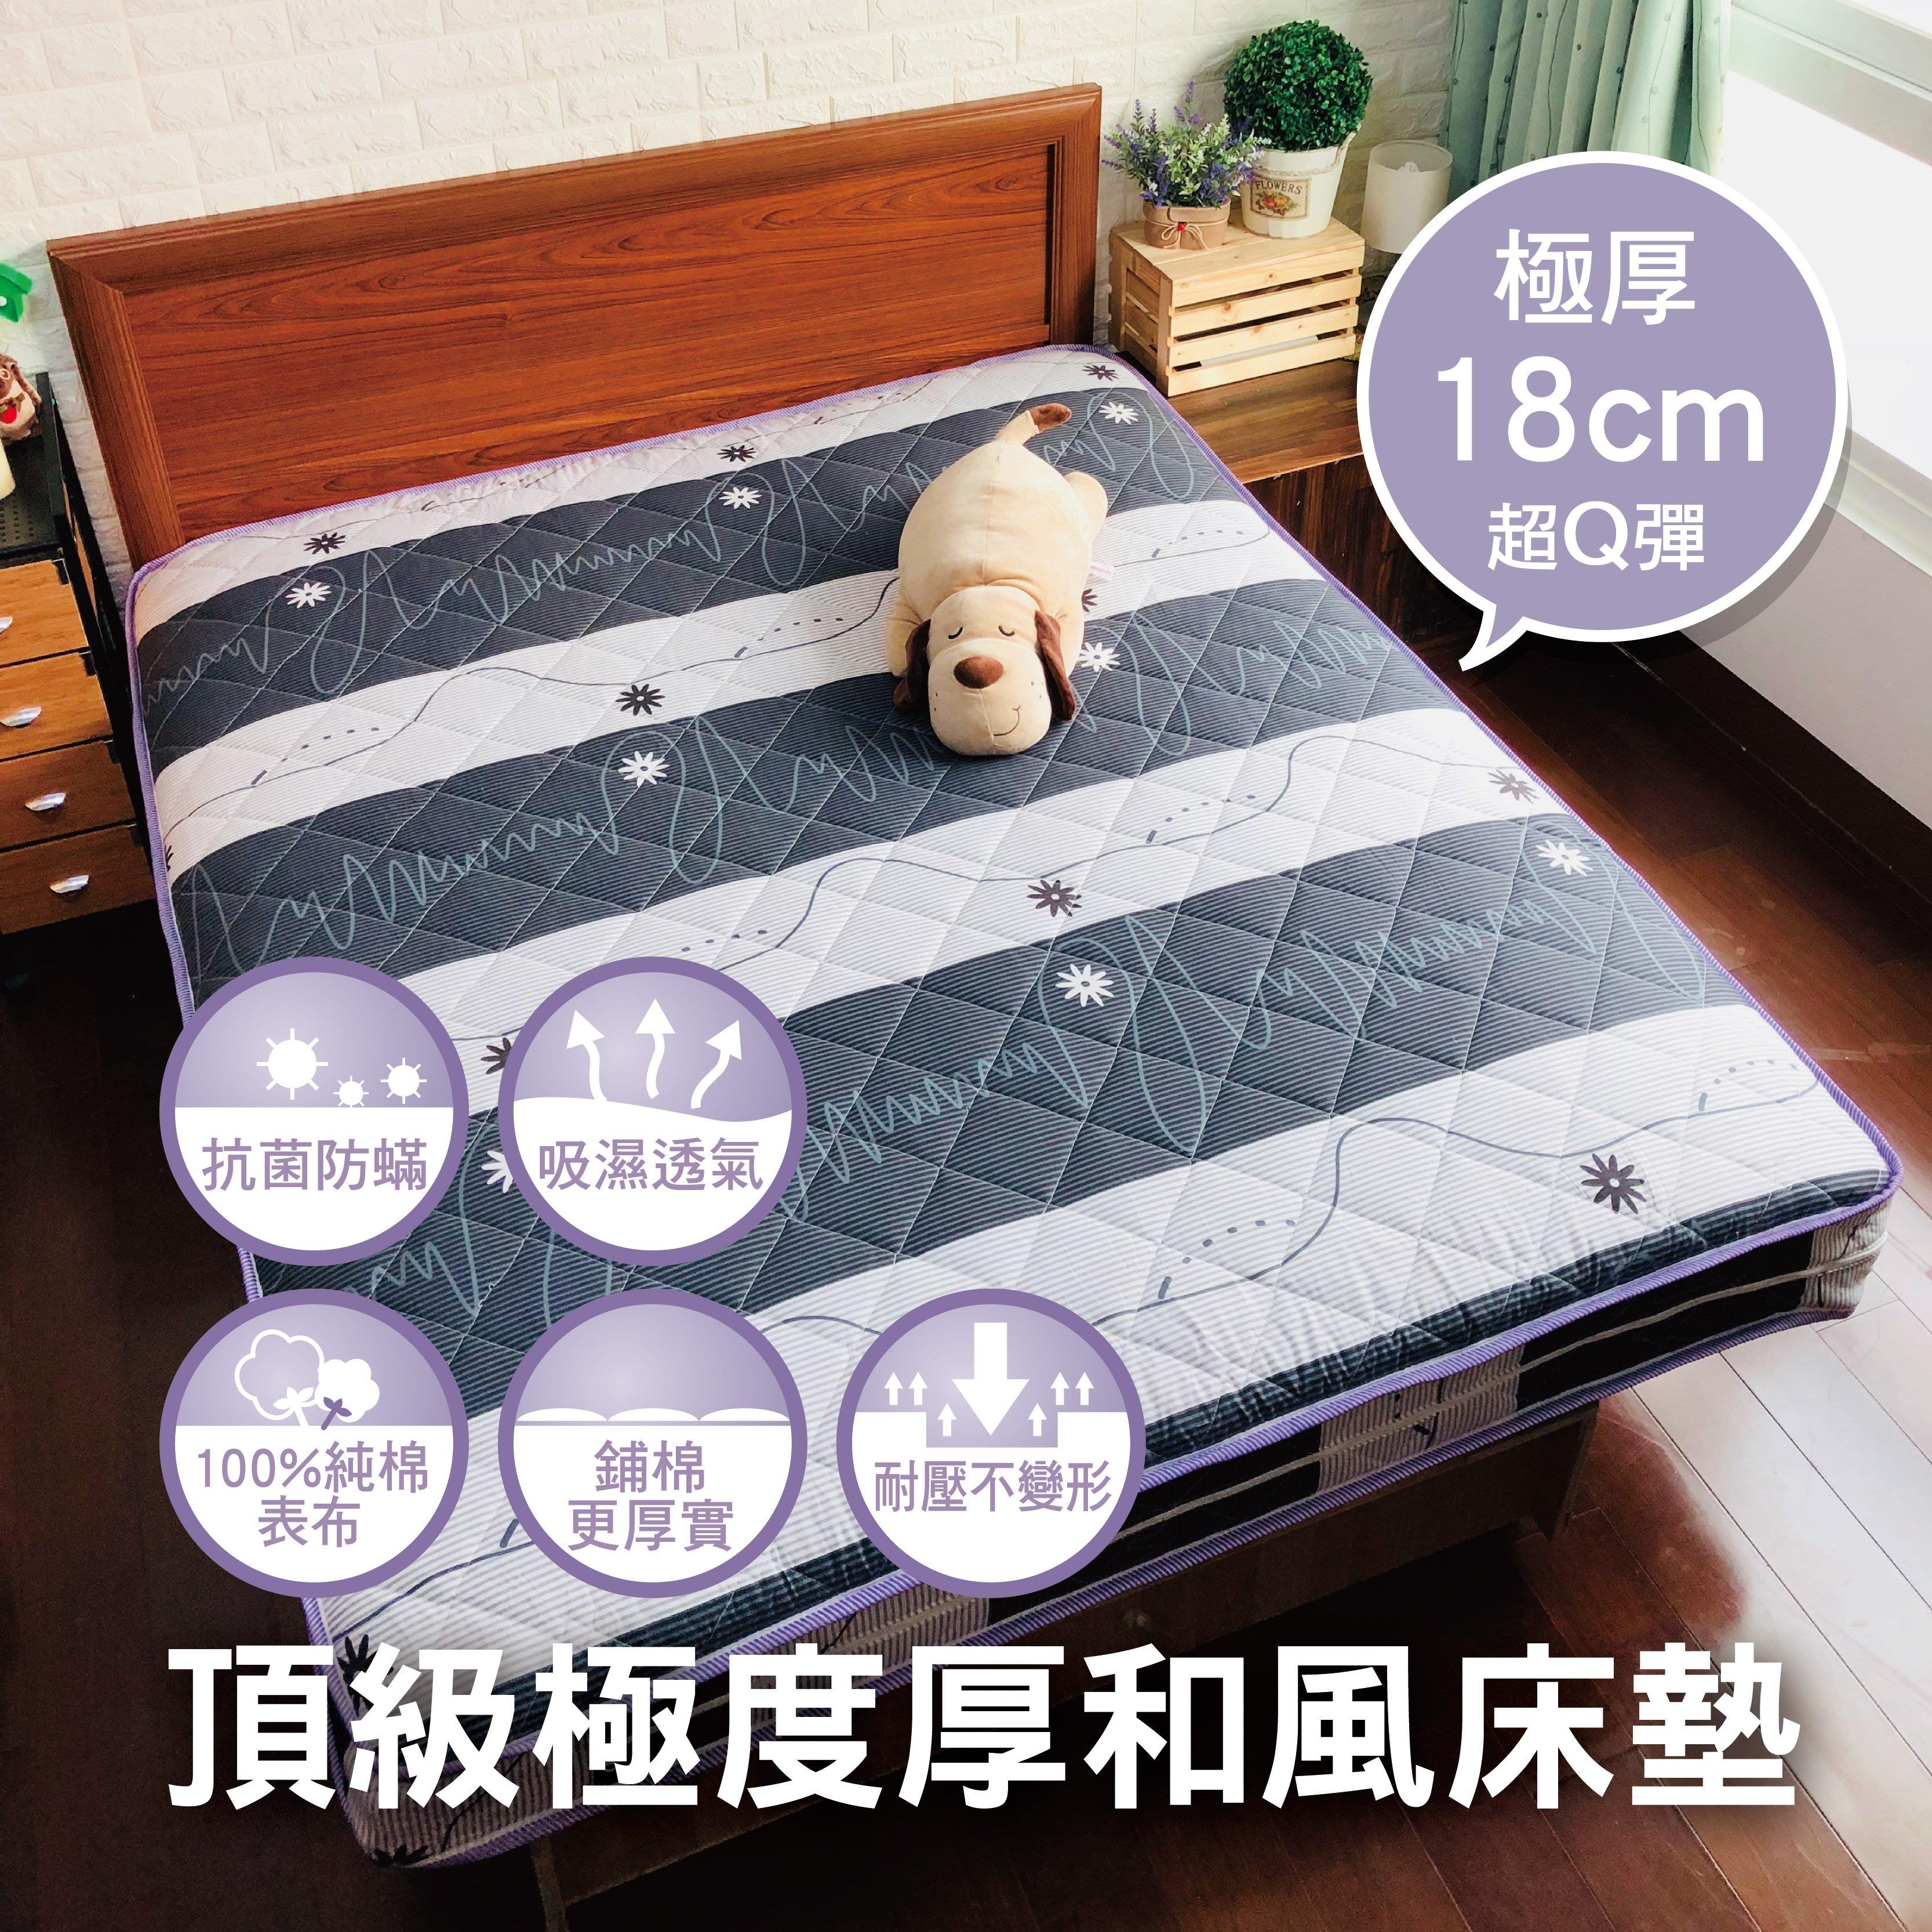 18公分頂級超厚實和風純棉床墊-單人3尺